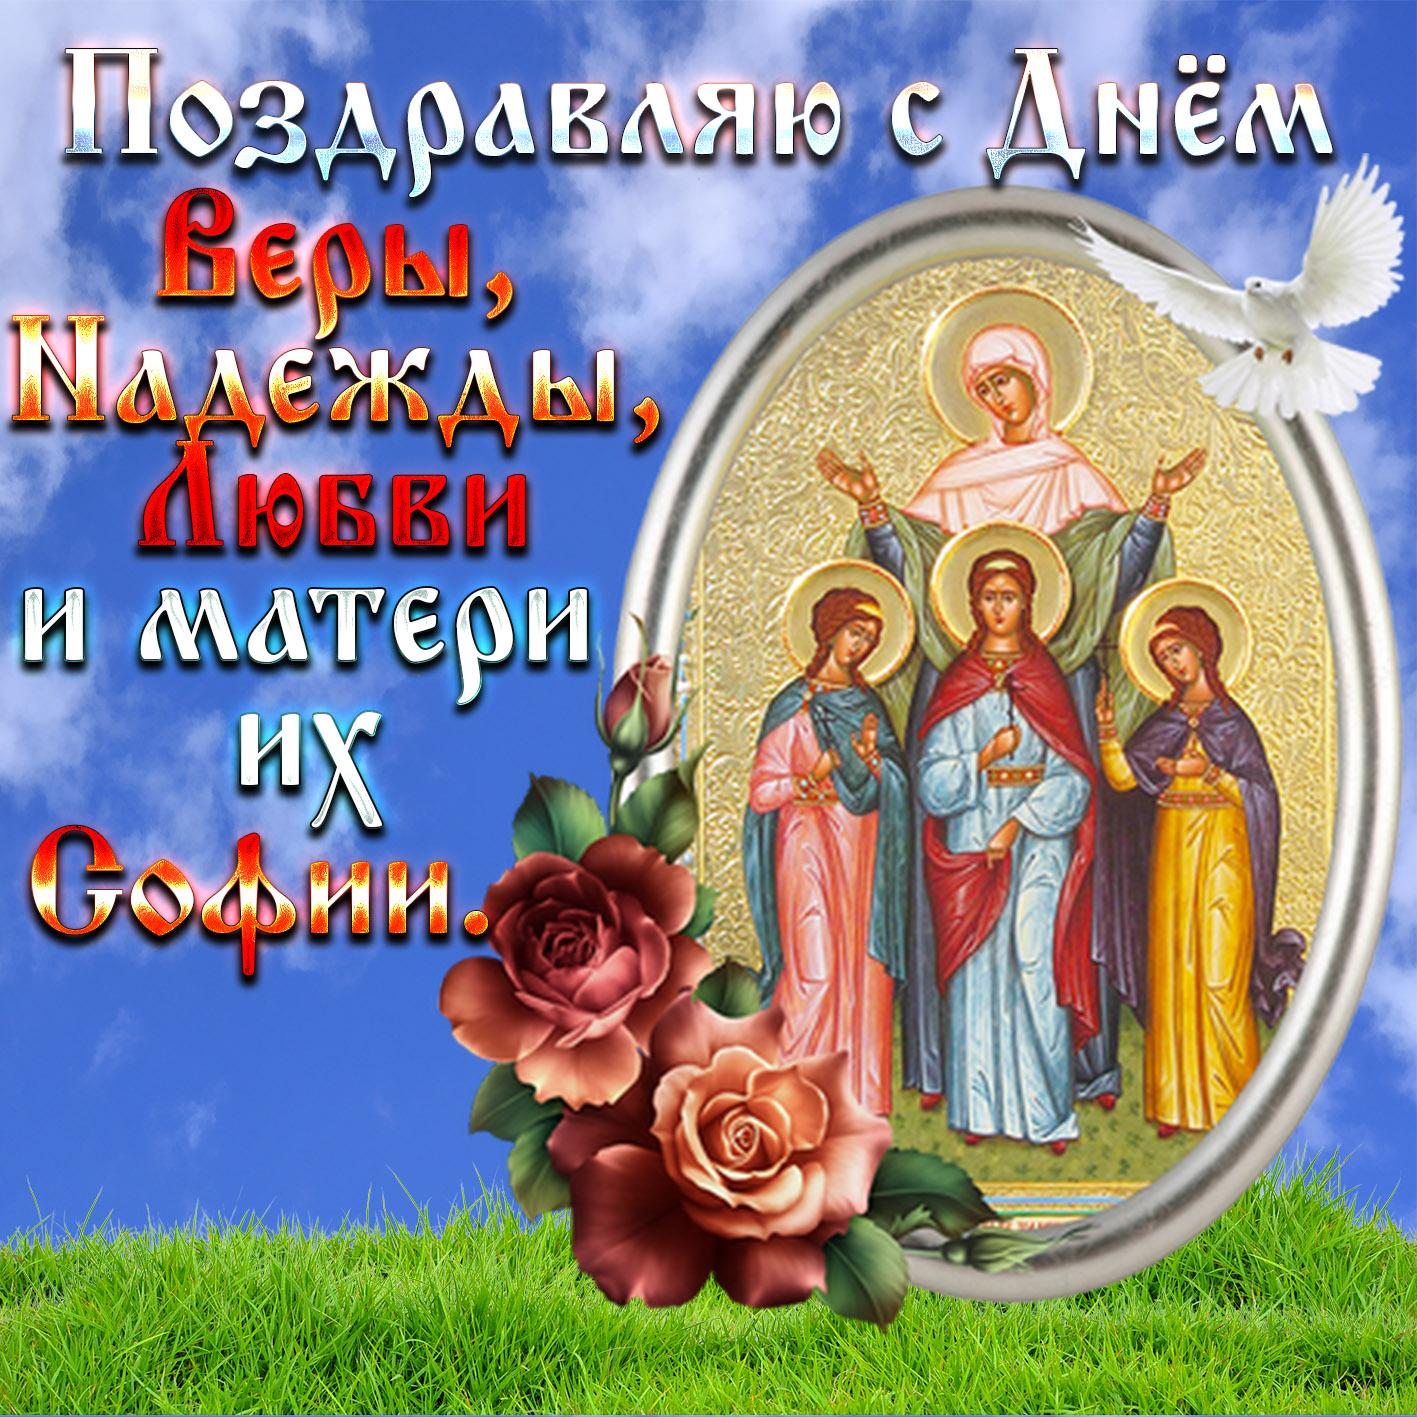 Открытка веры надежды и любви и матери их